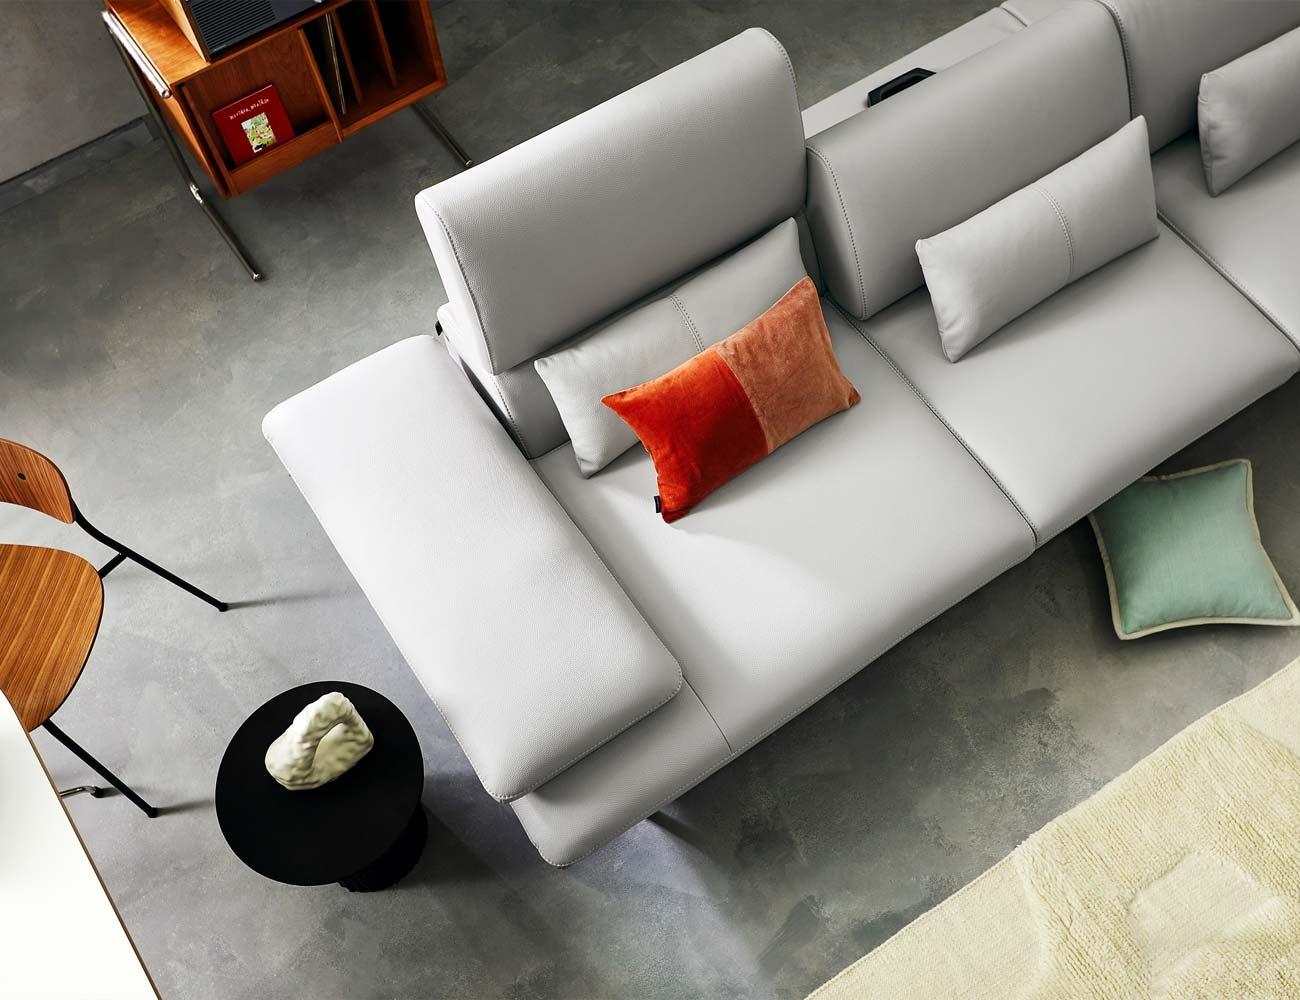 Nâng hạ gối tựa sofa linh hoạt